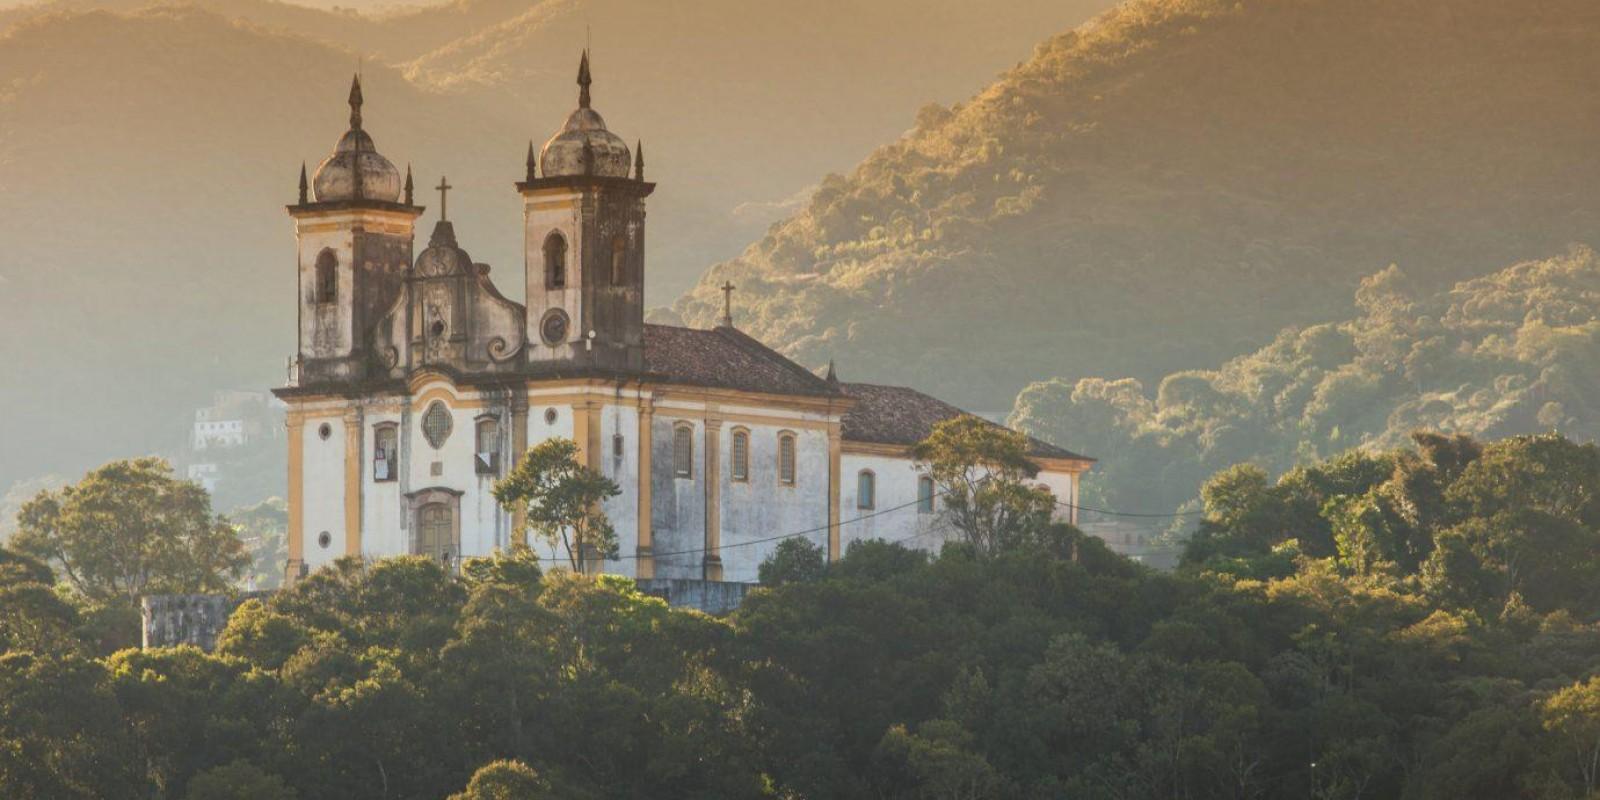 Como Dar Novos Usos Ao Patrimônio Histórico